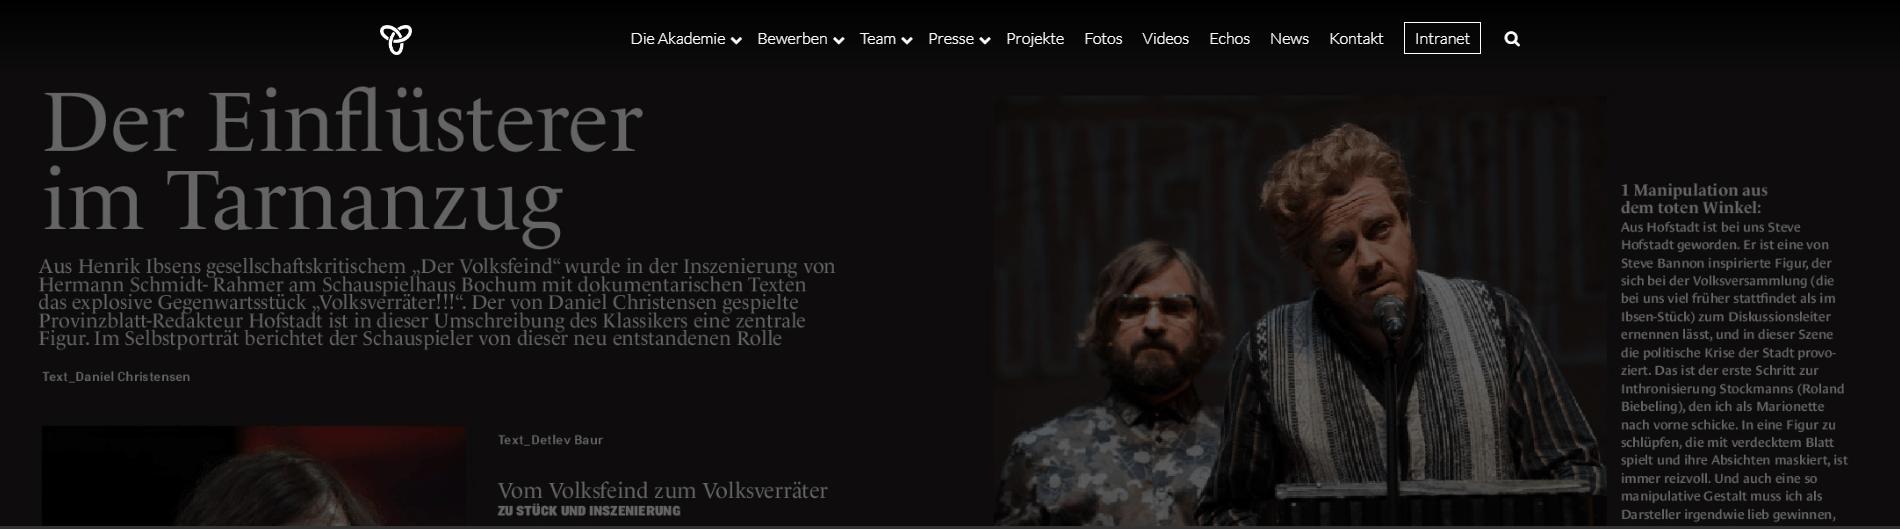 Daniel Christensen – Bühnenwelt Selbstporträt